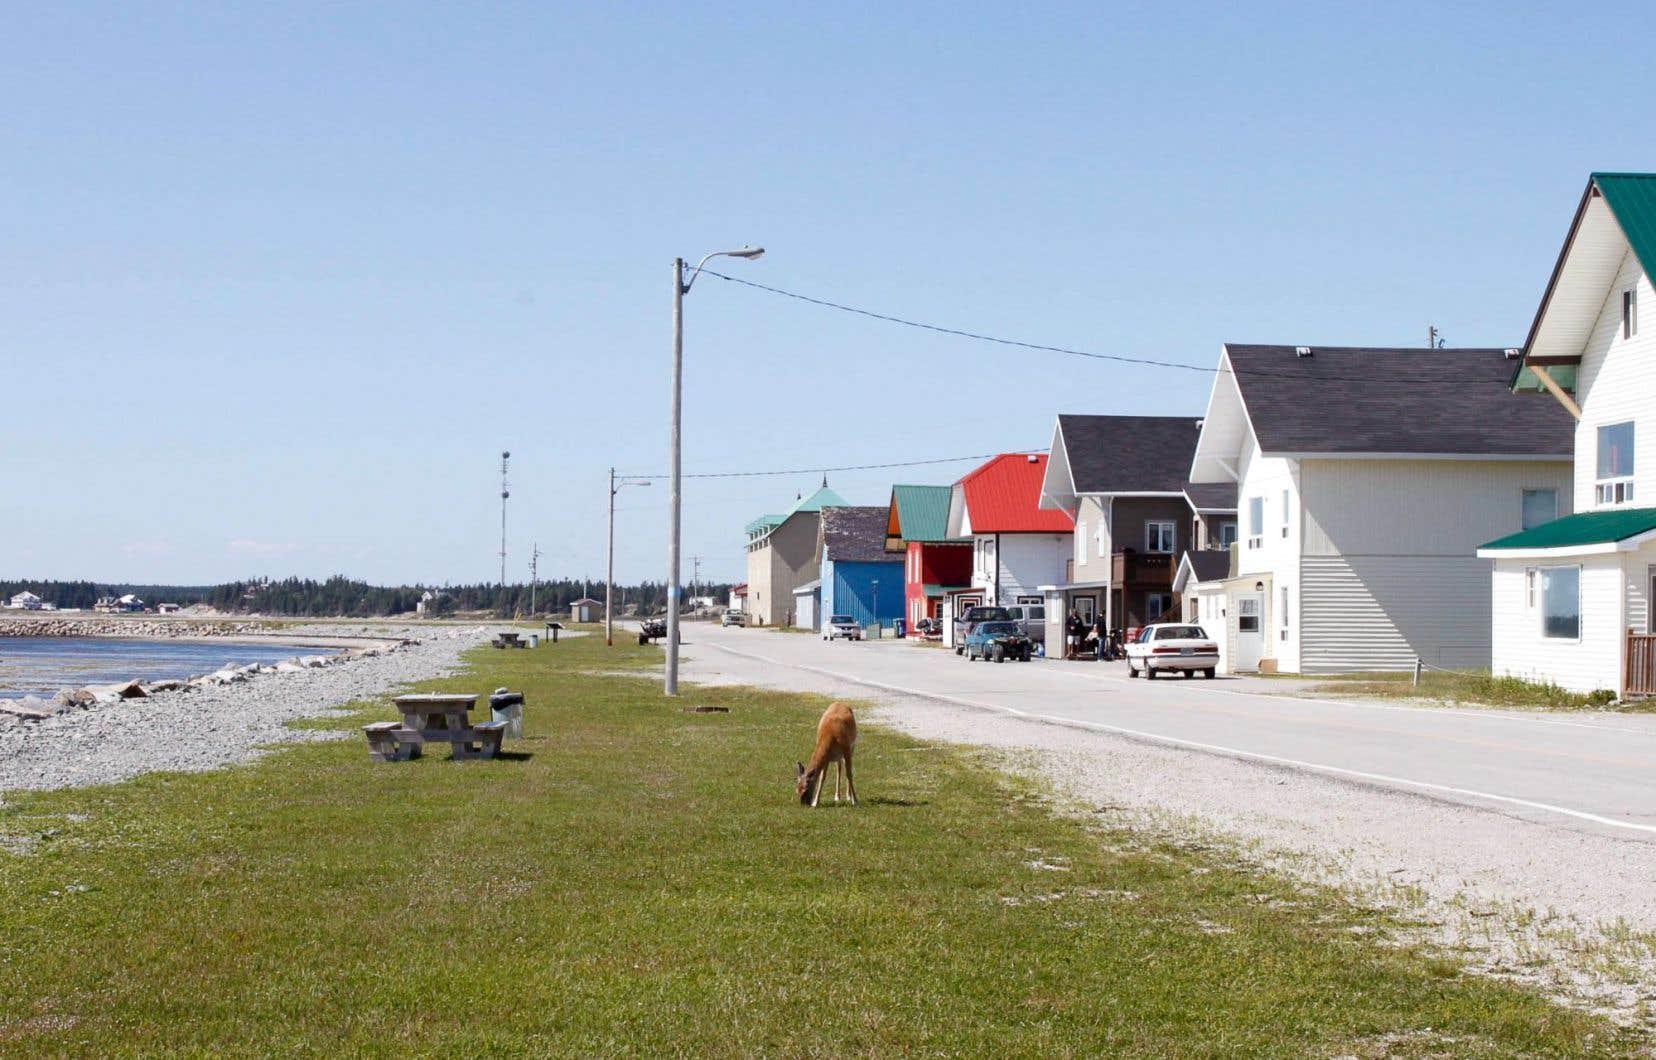 Tant les Innus que les élus régionaux critiquent à la fois le gouvernement du Québec et l'entreprise Pétrolia, qui veulent exploiter le potentiel énergétique de la région.